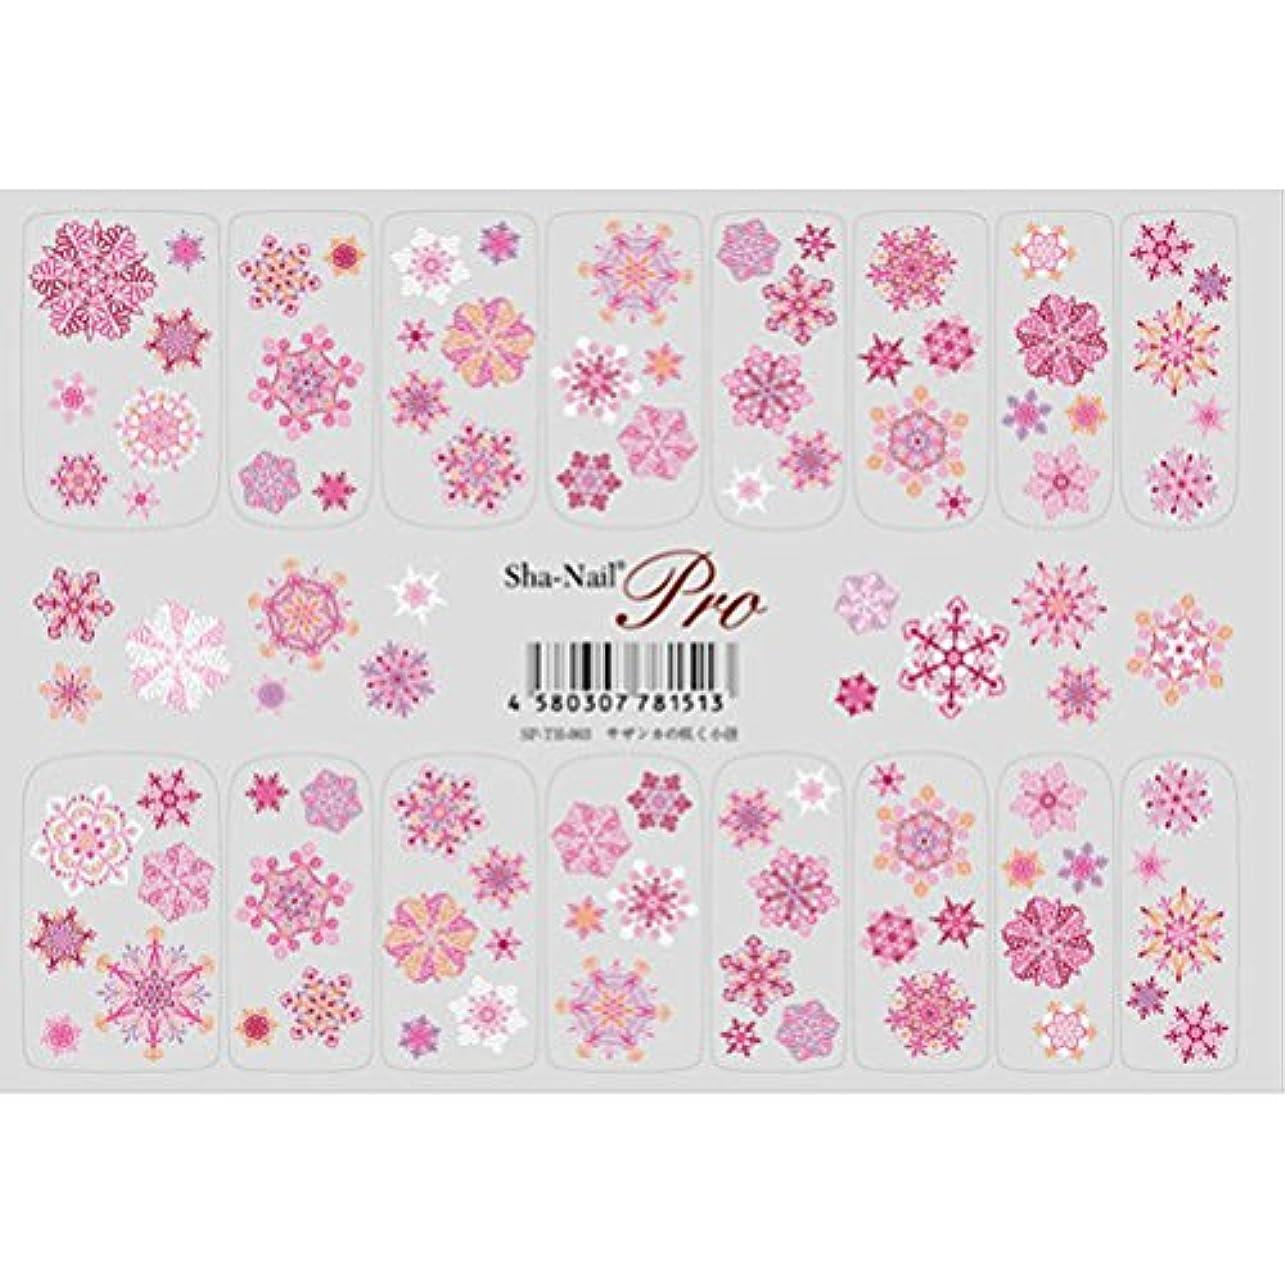 却下する三番ディスク天空の花 サザンカの咲く小径